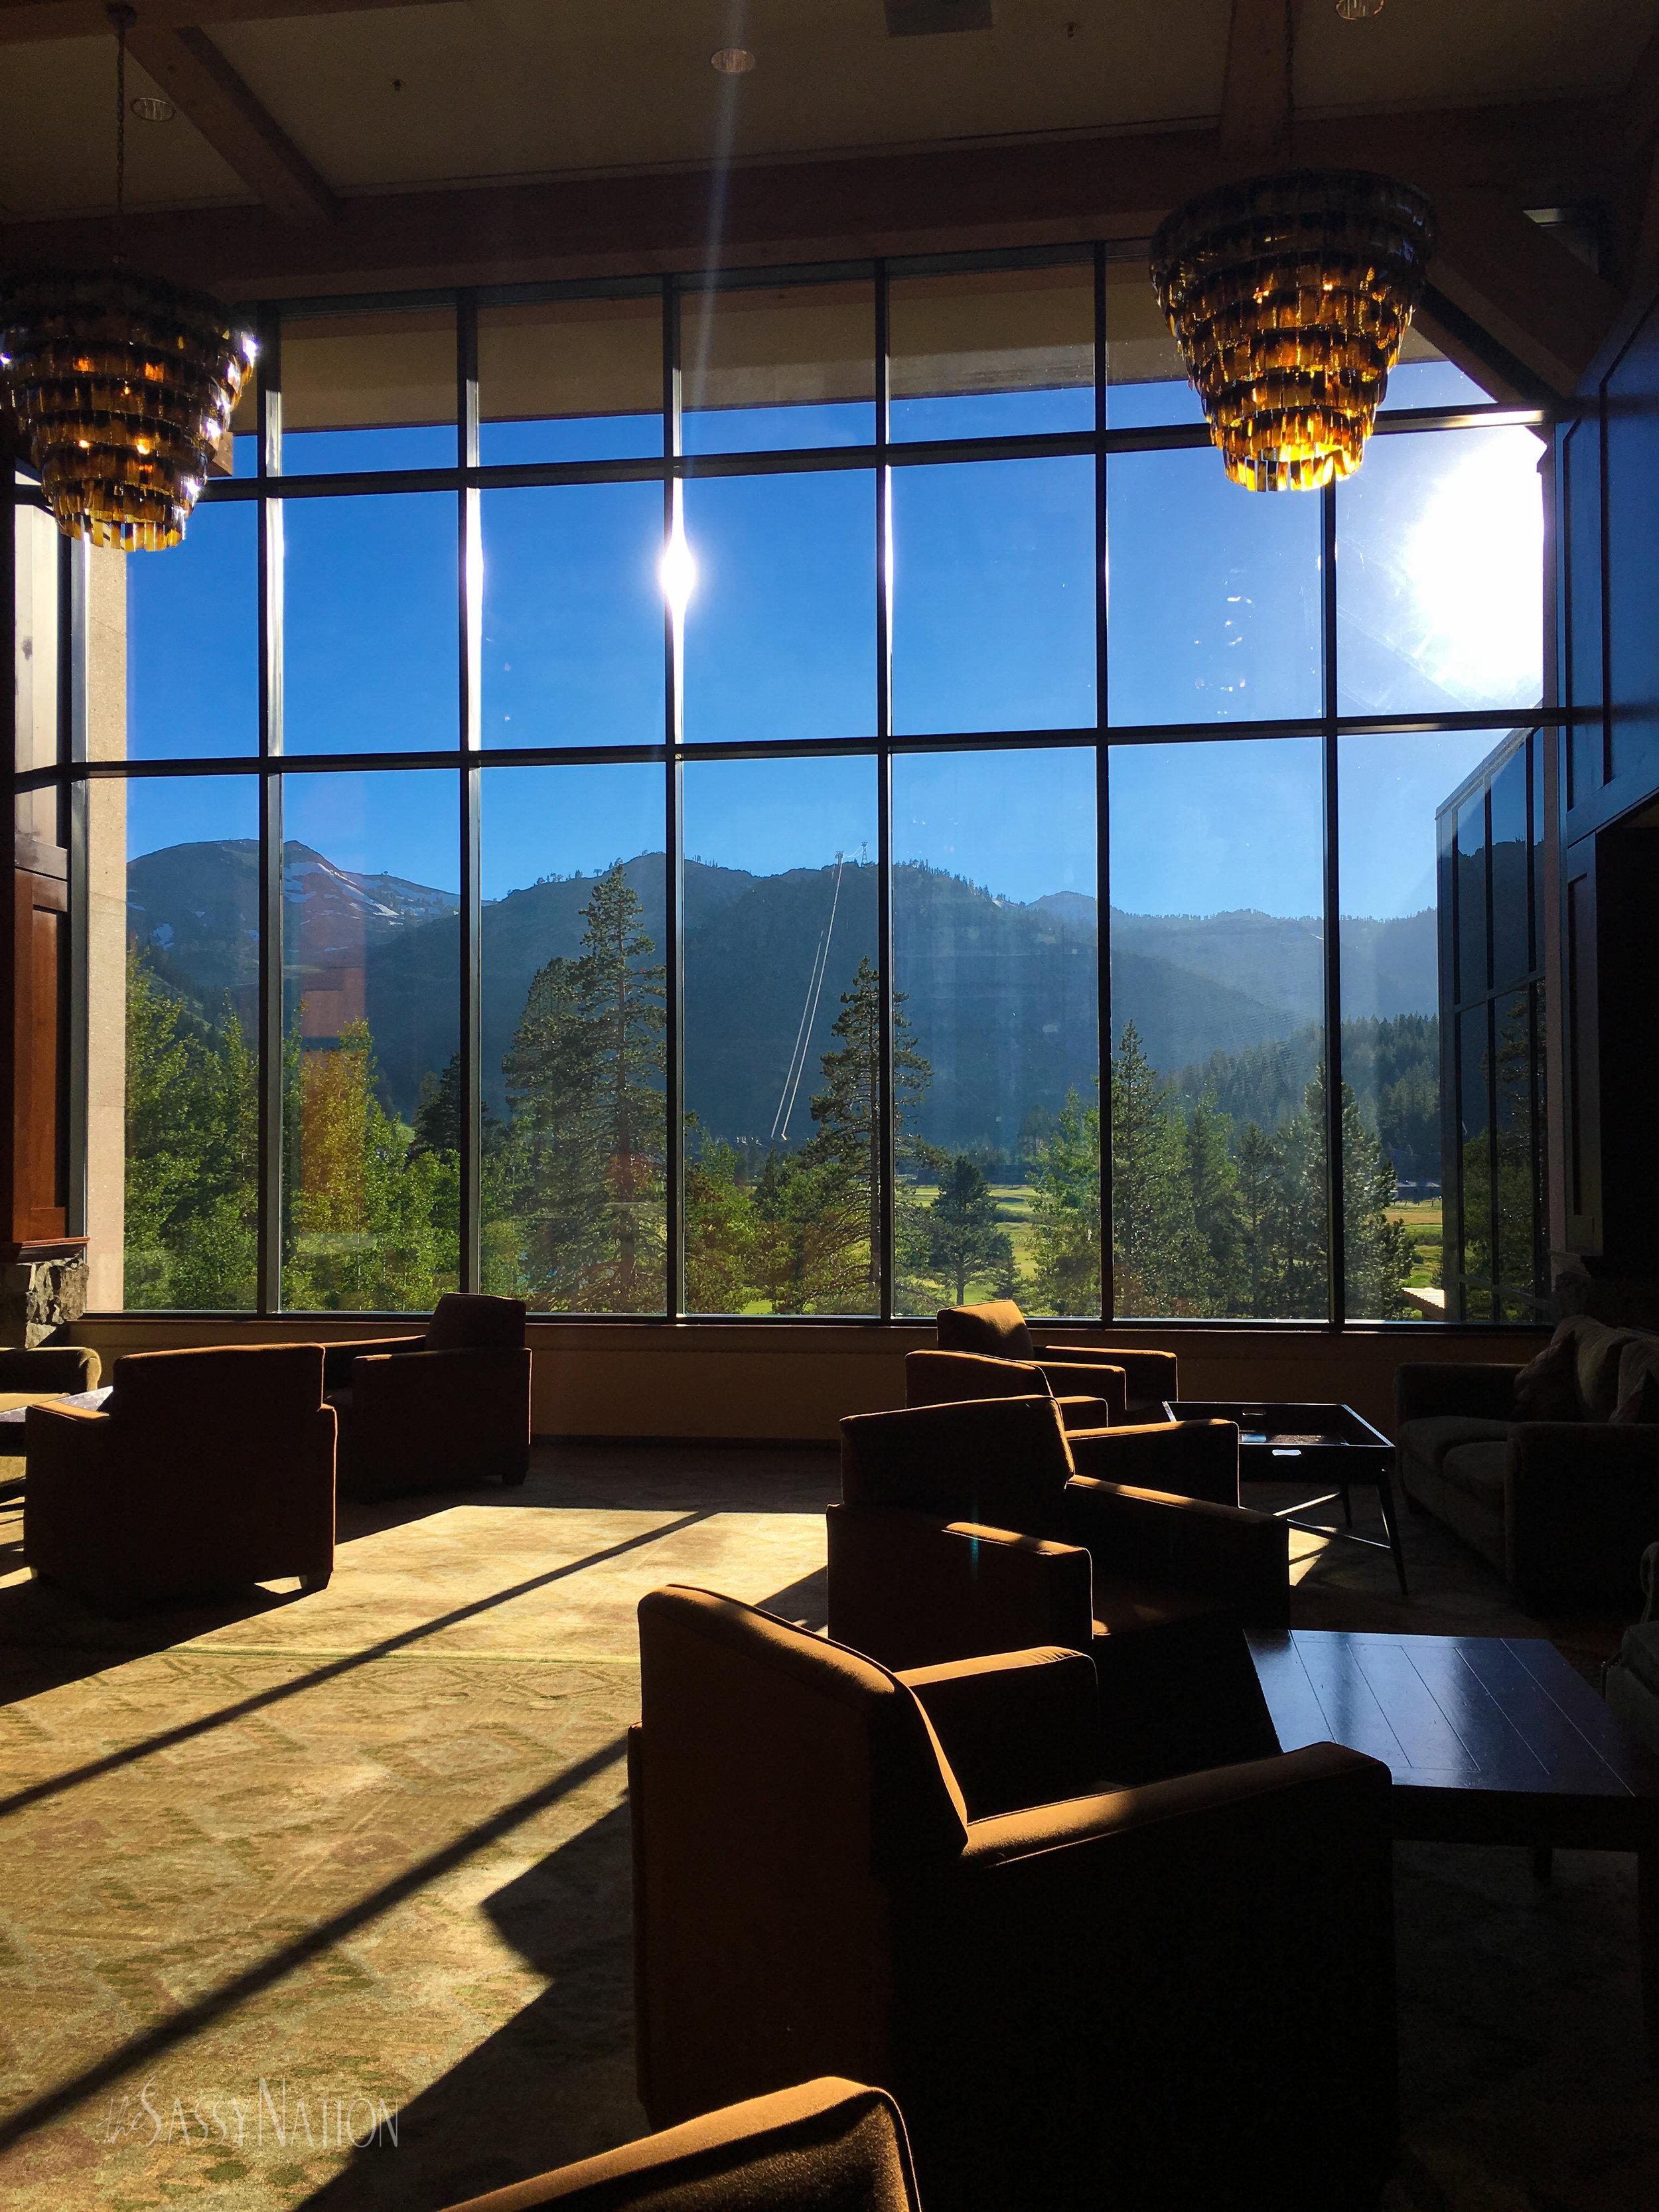 Lake_Tahoe_Summer_TheSassyNation-35.jpg